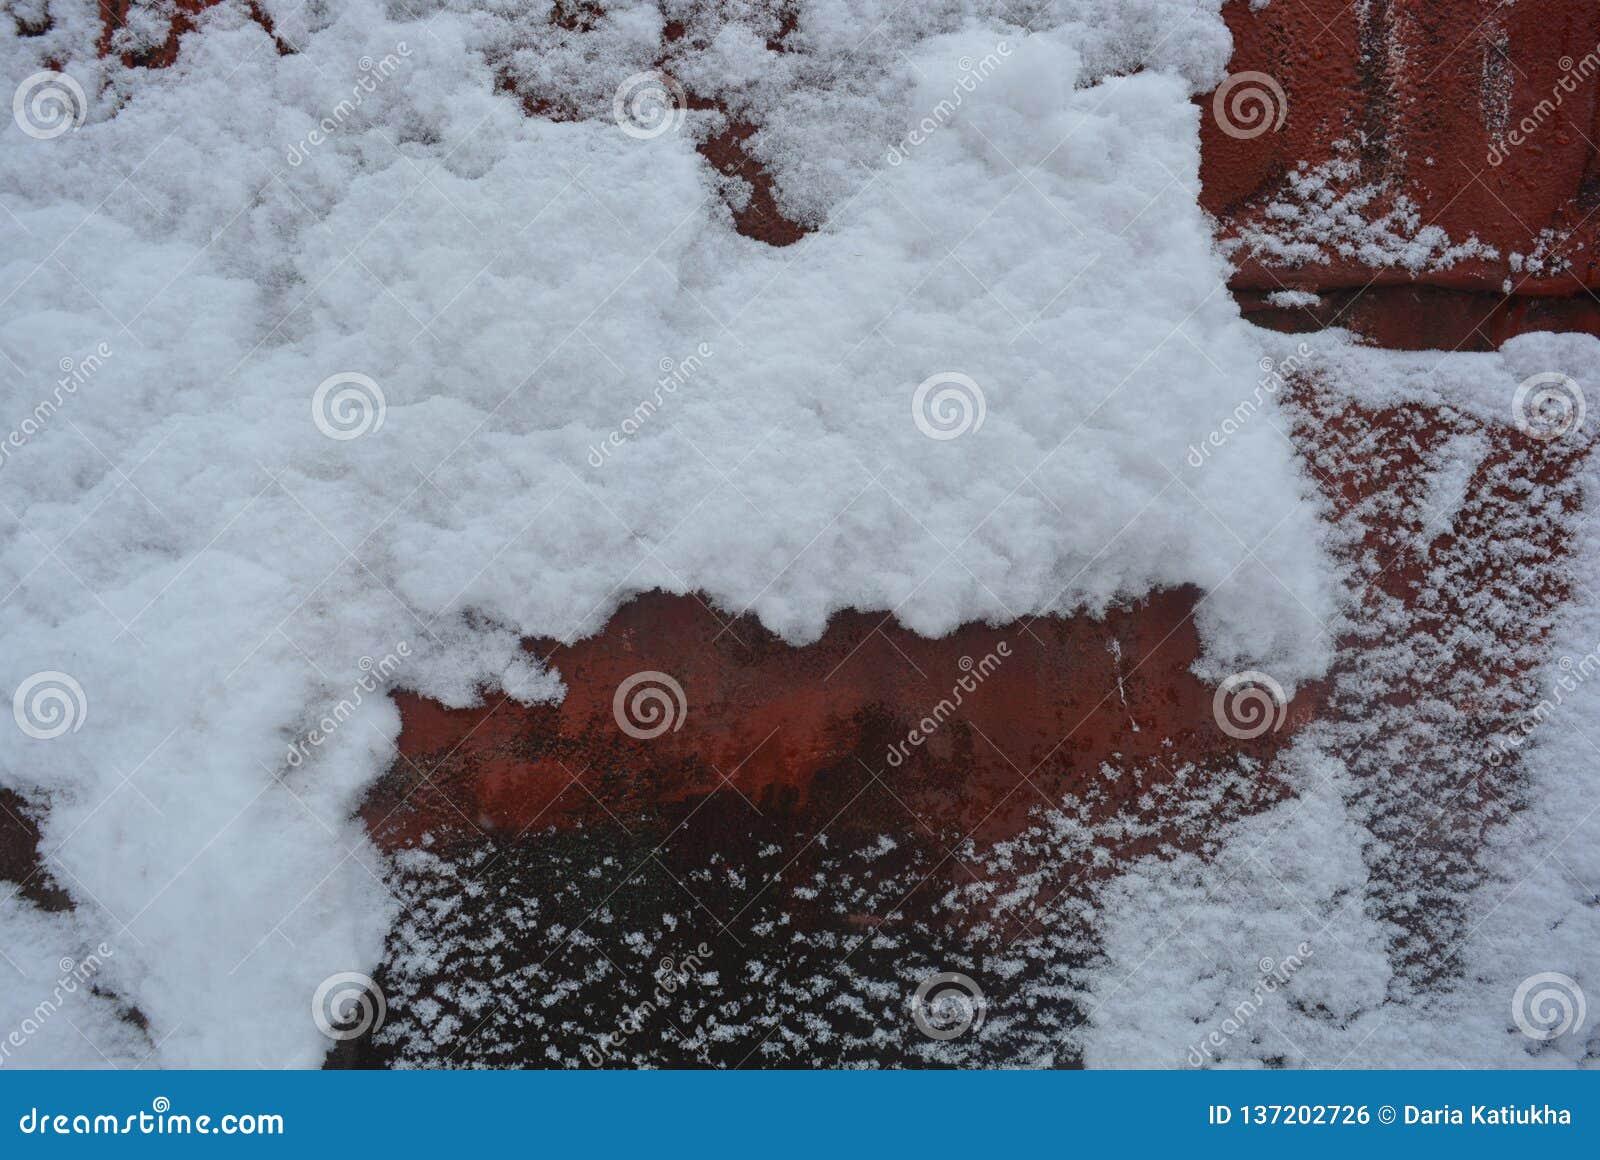 De winterachtergrond, aanhangende sneeuw, mooie besnoeiing van zware die sneeuw op een blad van de metaalbouw, met oude rode verf